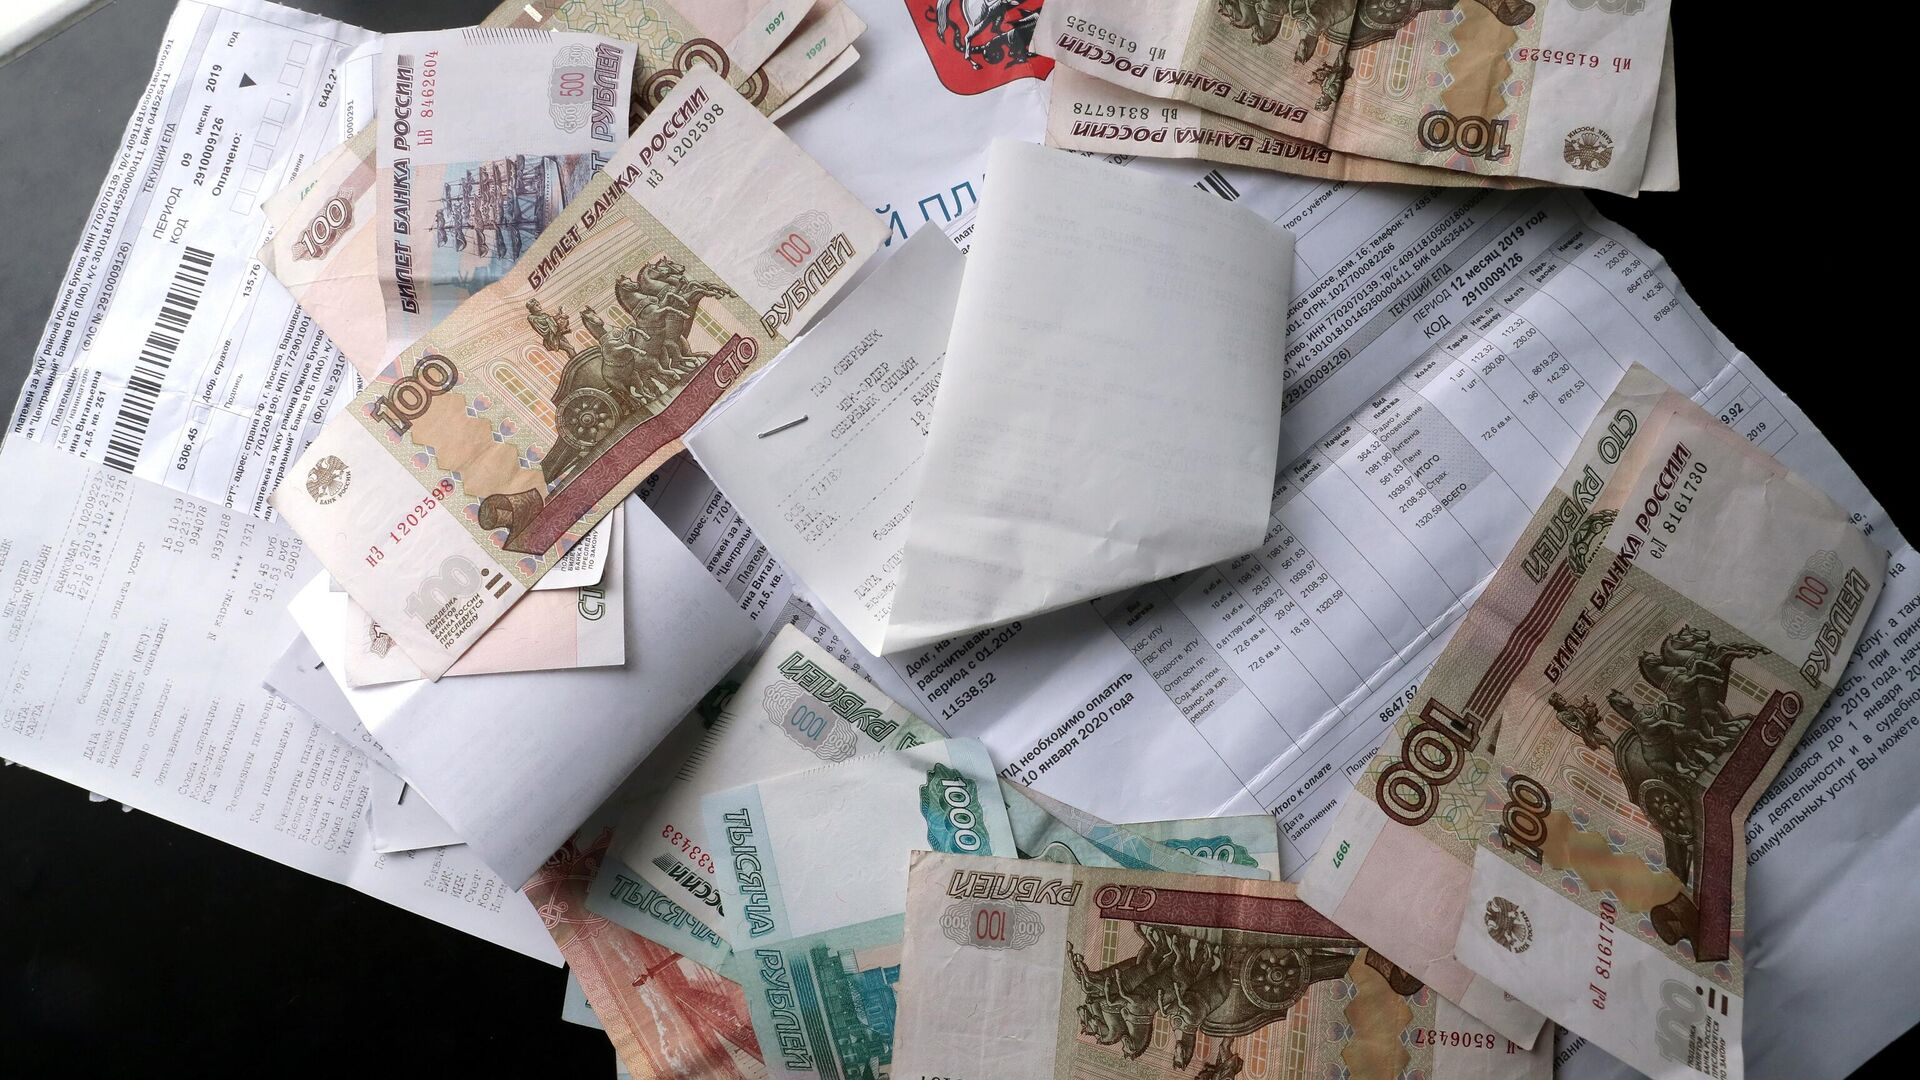 В 2020 году в России вырастут тарифы ЖКХ - РИА Новости, 1920, 10.09.2020